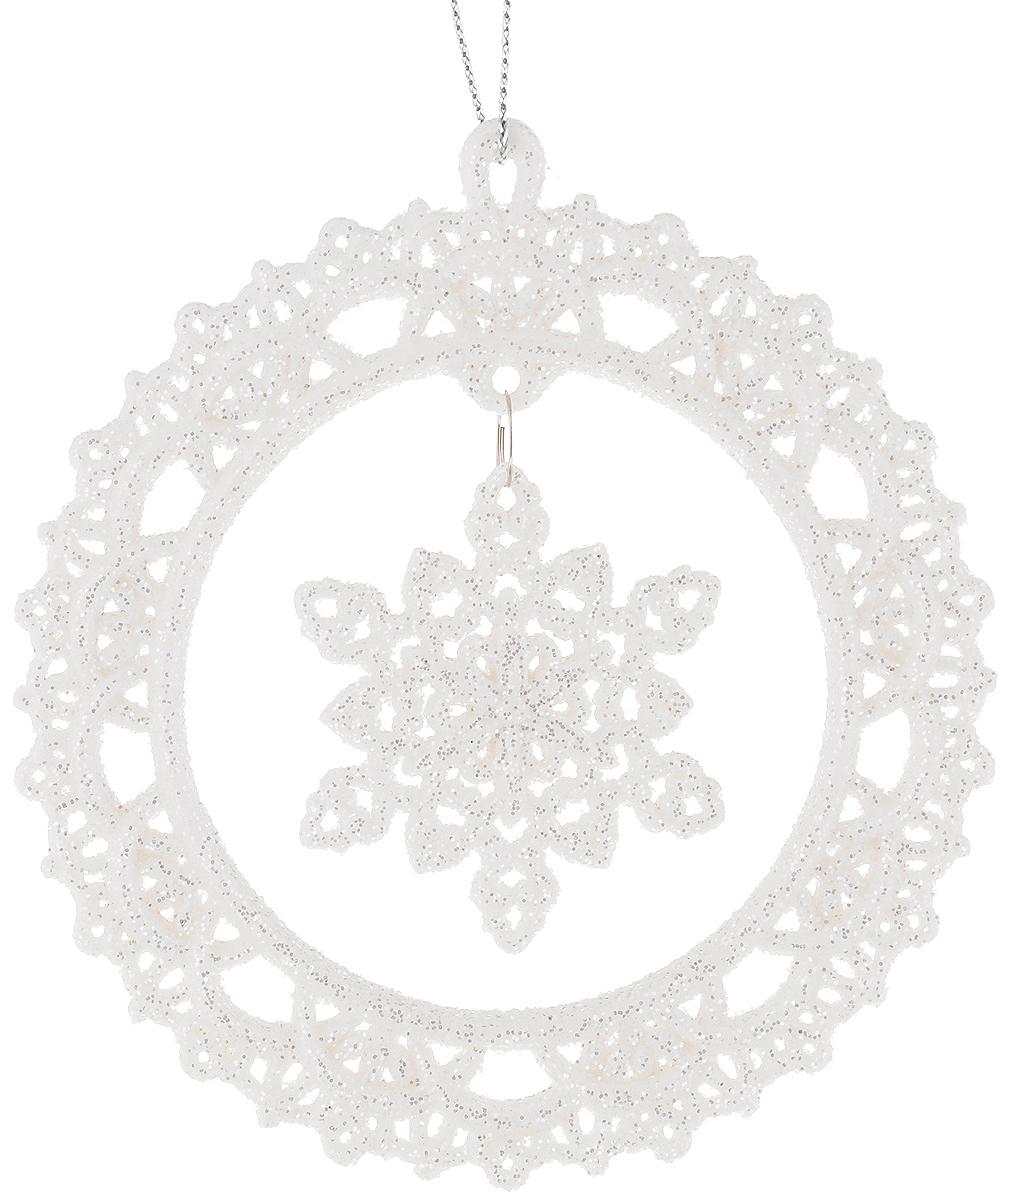 Украшение новогоднее подвесное Magic Time Снежинки в белых кружочках, 10,8 х 10,8 см38574Новогоднее подвесное украшение Magic Time Снежинки в белых кружочках выполнено из пластмассы в виде ажурного круга со снежинкой-подвеской внутри и украшено блестками. С помощью специальной петельки украшение можно повесить в любом понравившемся вам месте. Но, конечно, удачнее всего оно будет смотреться на праздничной елке.Елочная игрушка - символ Нового года. Она несет в себе волшебство и красоту праздника. Создайте в своем доме атмосферу веселья и радости, украшая новогоднюю елку нарядными игрушками, которые будут из года в год накапливать теплоту воспоминаний.Материал: пластмасса.Размер: 10,8 х 10,8 см.